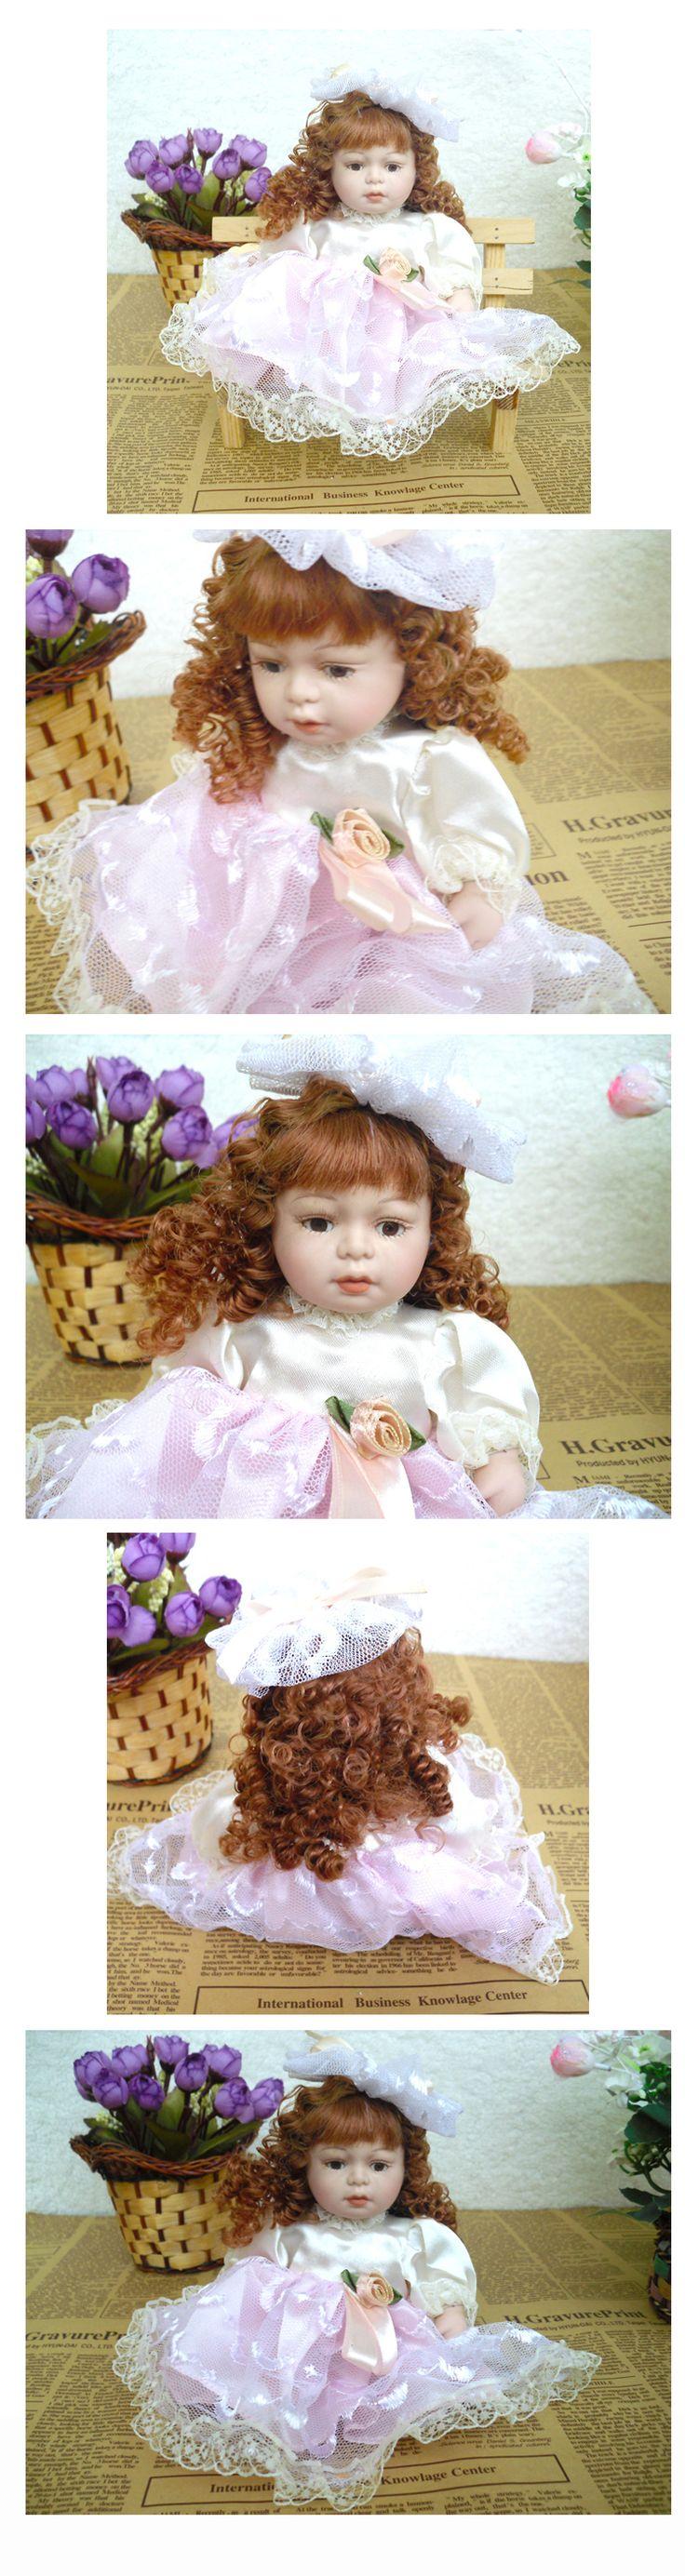 Конец один маленький Ангел керамические куклы гостиная современные украшения творческий Рождественский подарок подарок на день украшения дома-Таобао глобальной вокзала